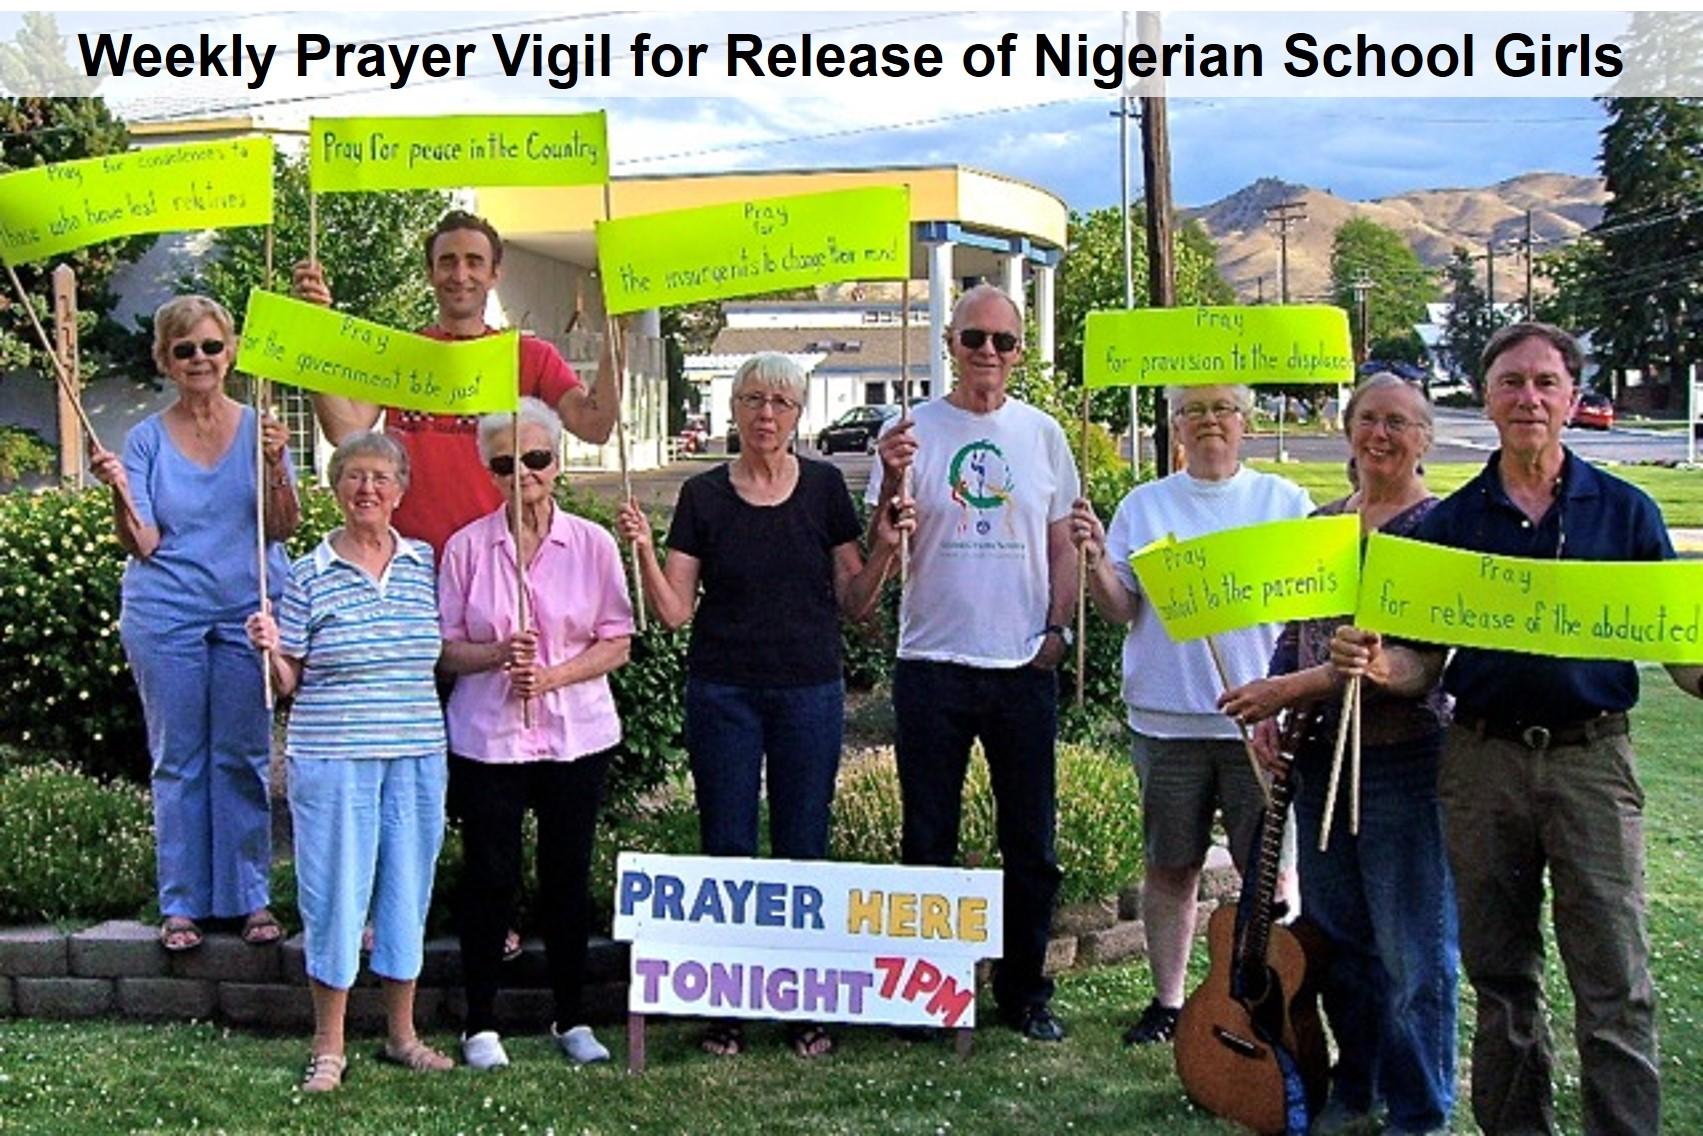 Weekly Prayer Vigil